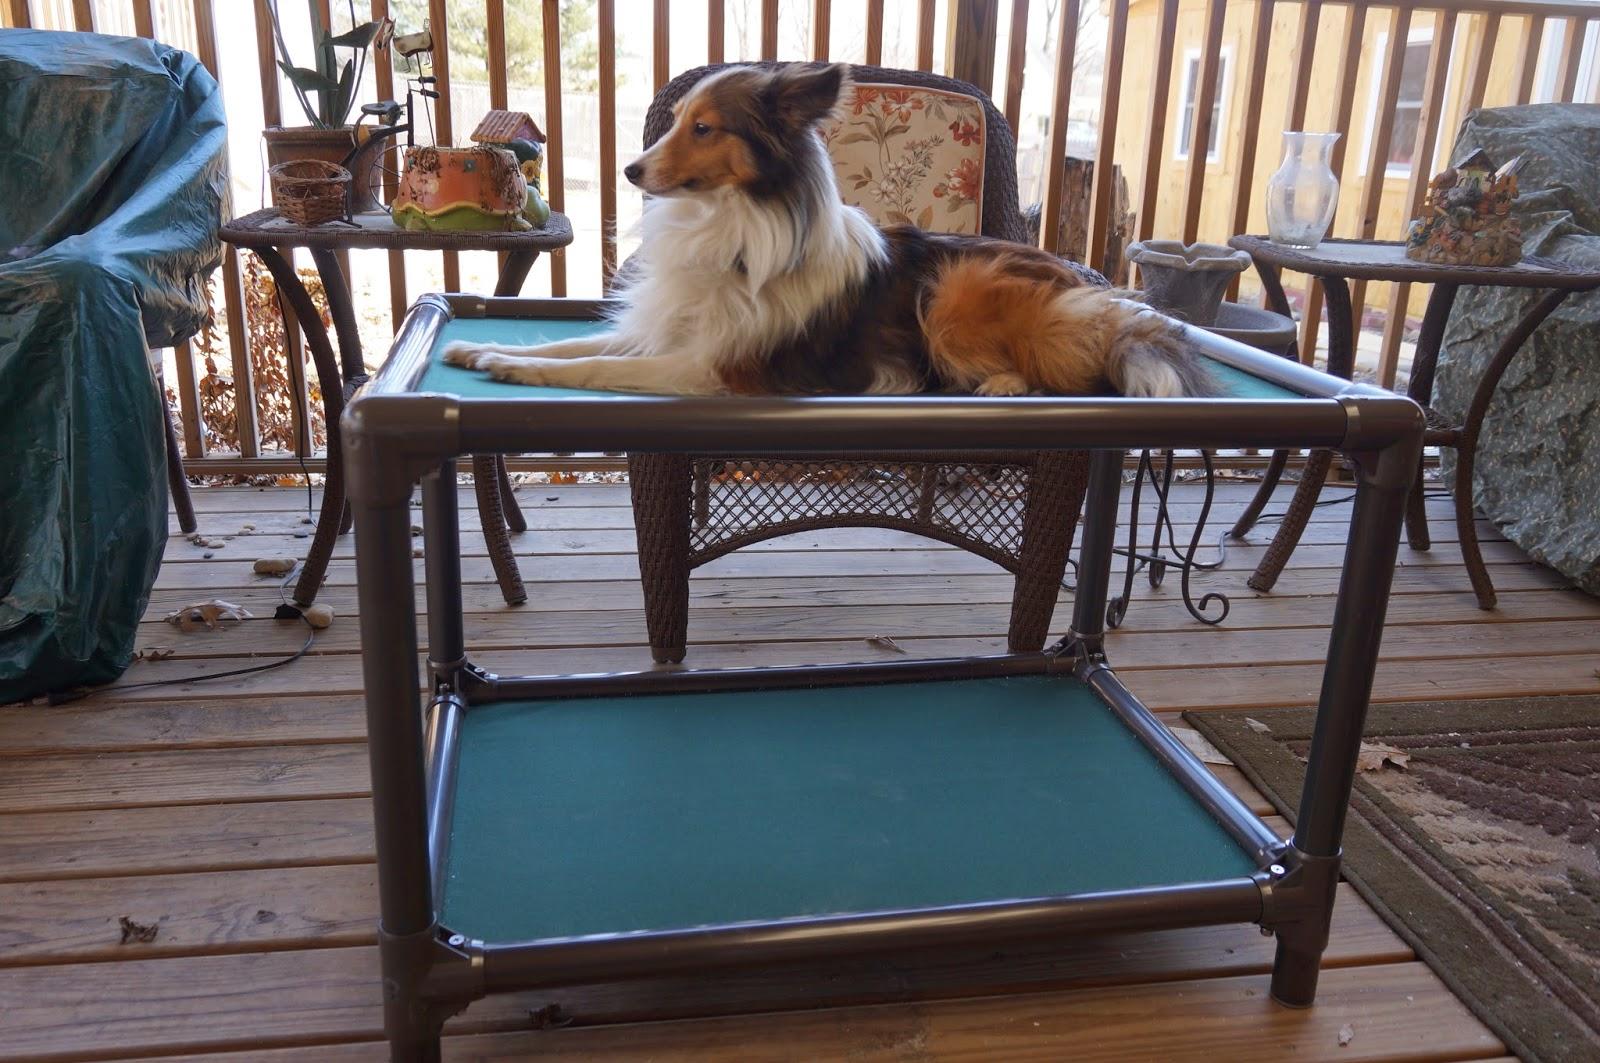 durable kuranda ecohaushub bean uk etc beds for dogs bed com warmer bag coupon crates ebay dog